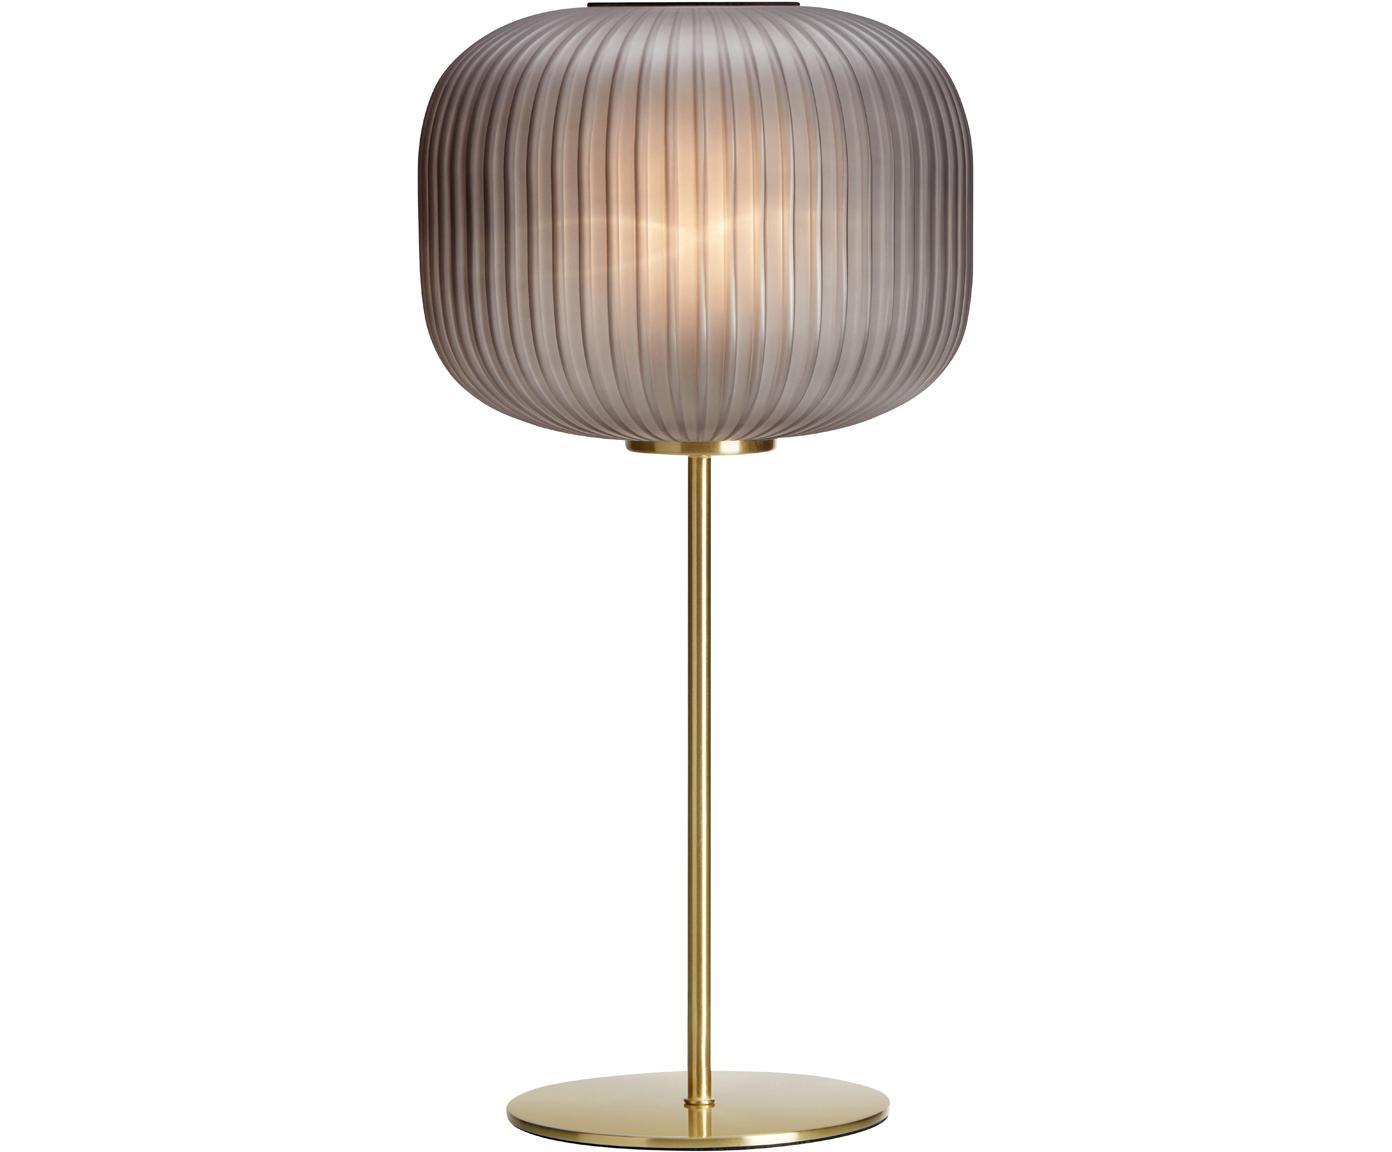 Lampa stołowa Sober, Szkło, metal, szczotkowany, Szary, odcienie mosiądzu, Ø 25 x W 50 cm